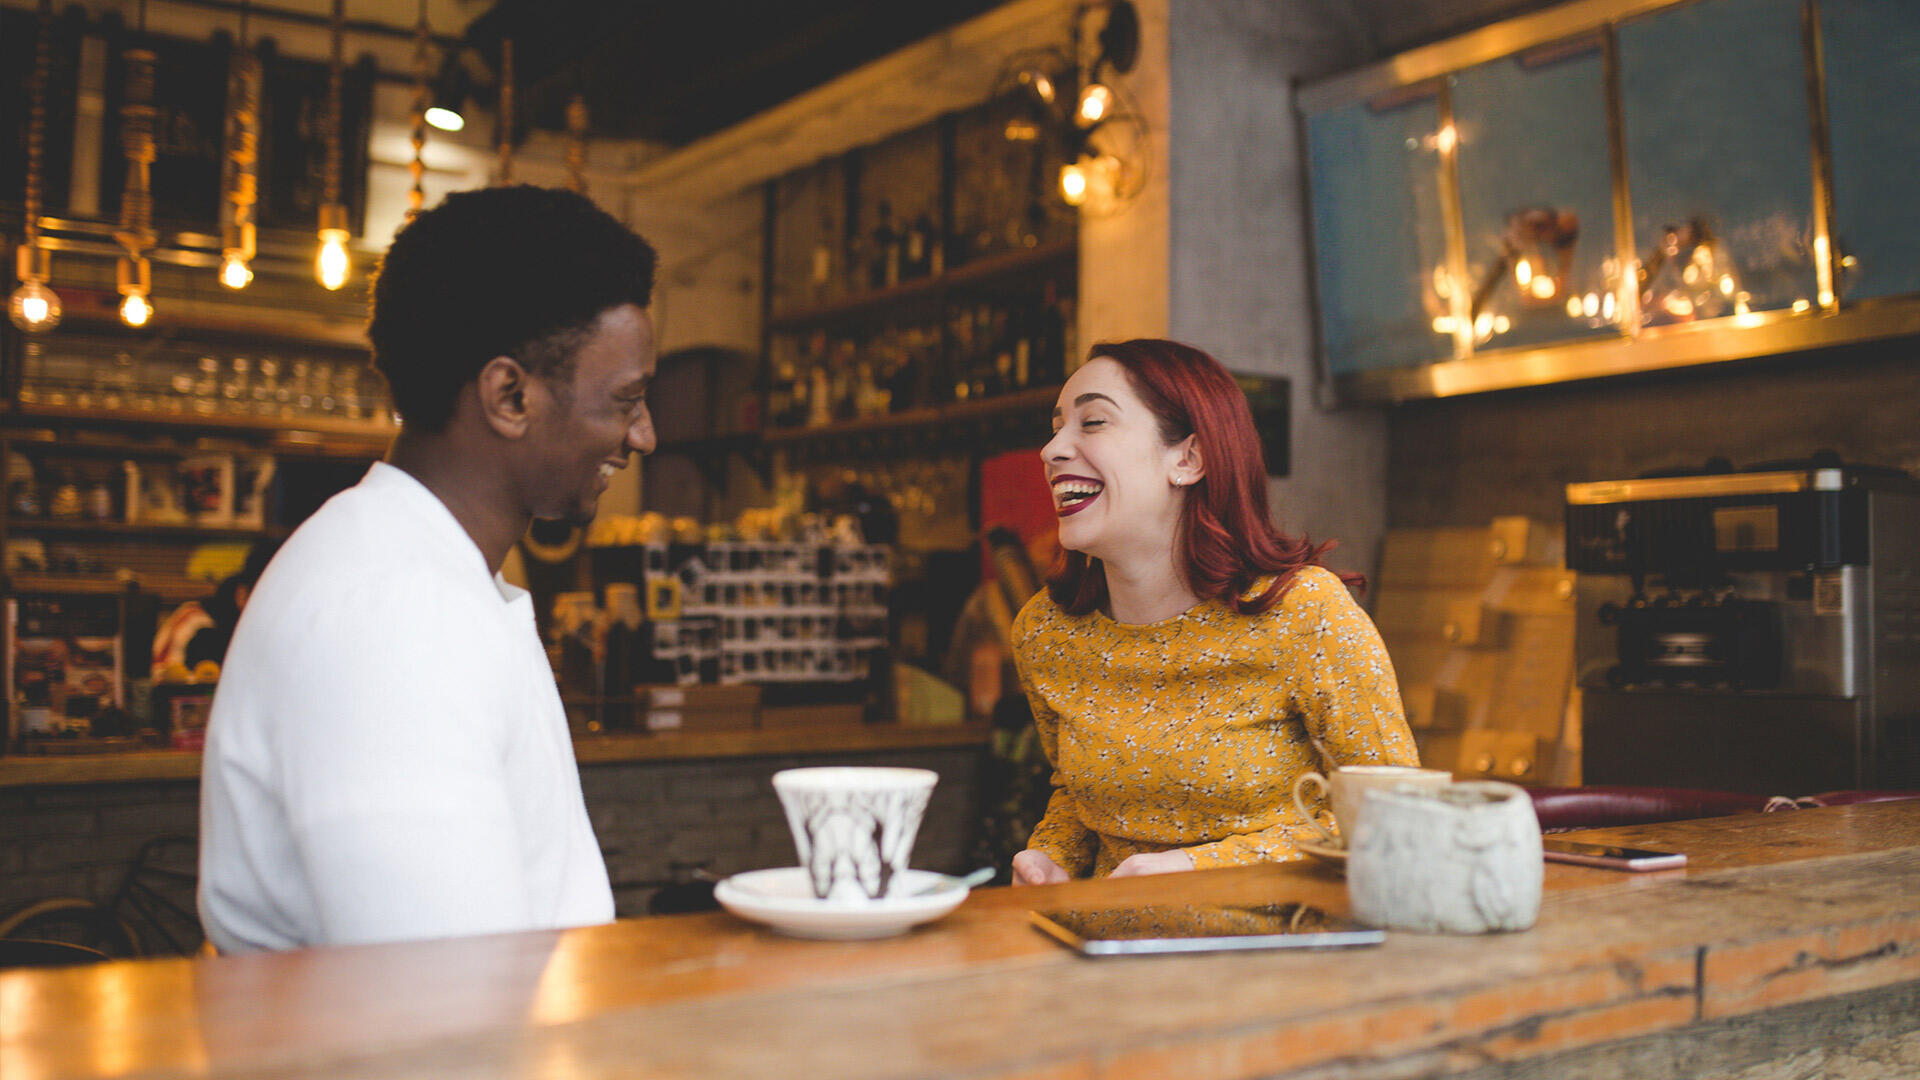 Qu'elle soit amicale, professionnelle ou amoureuse, la rencontre peut changer le cours d'une vie de manière positive ou négative.